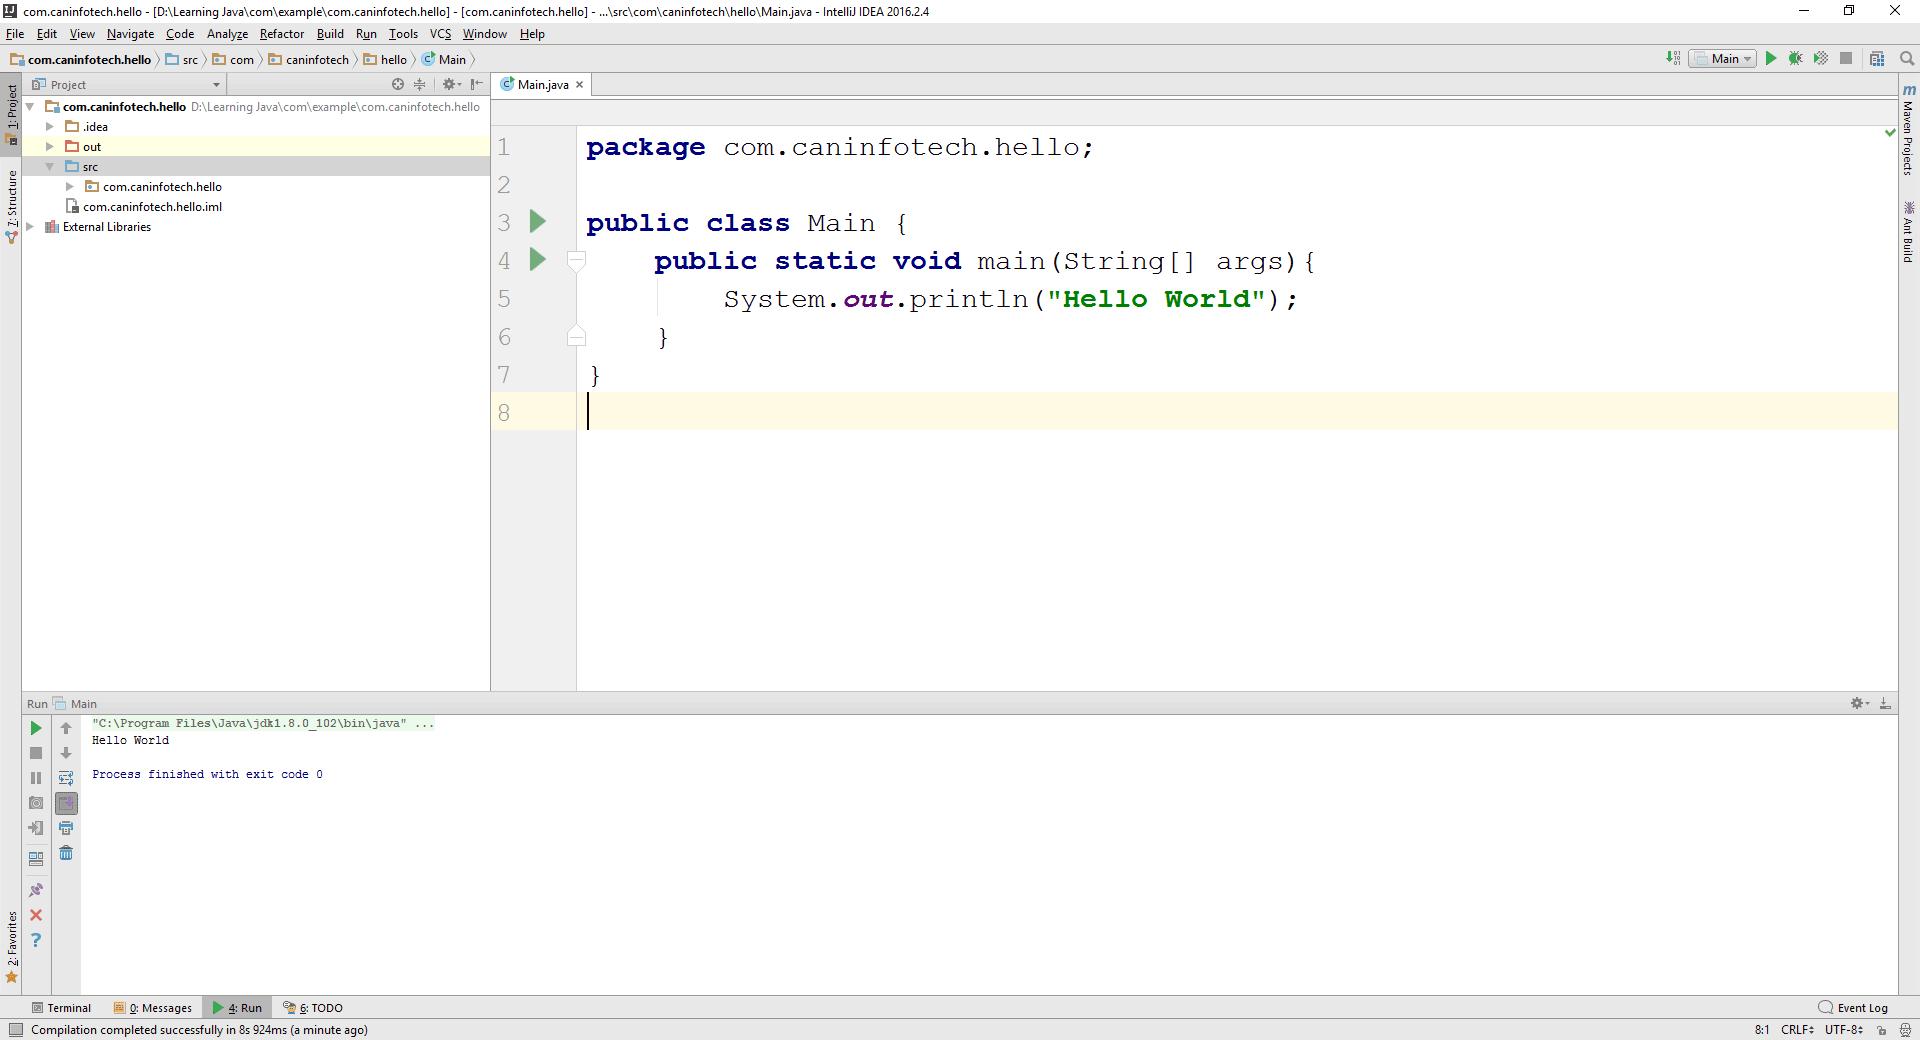 Hello World in Java